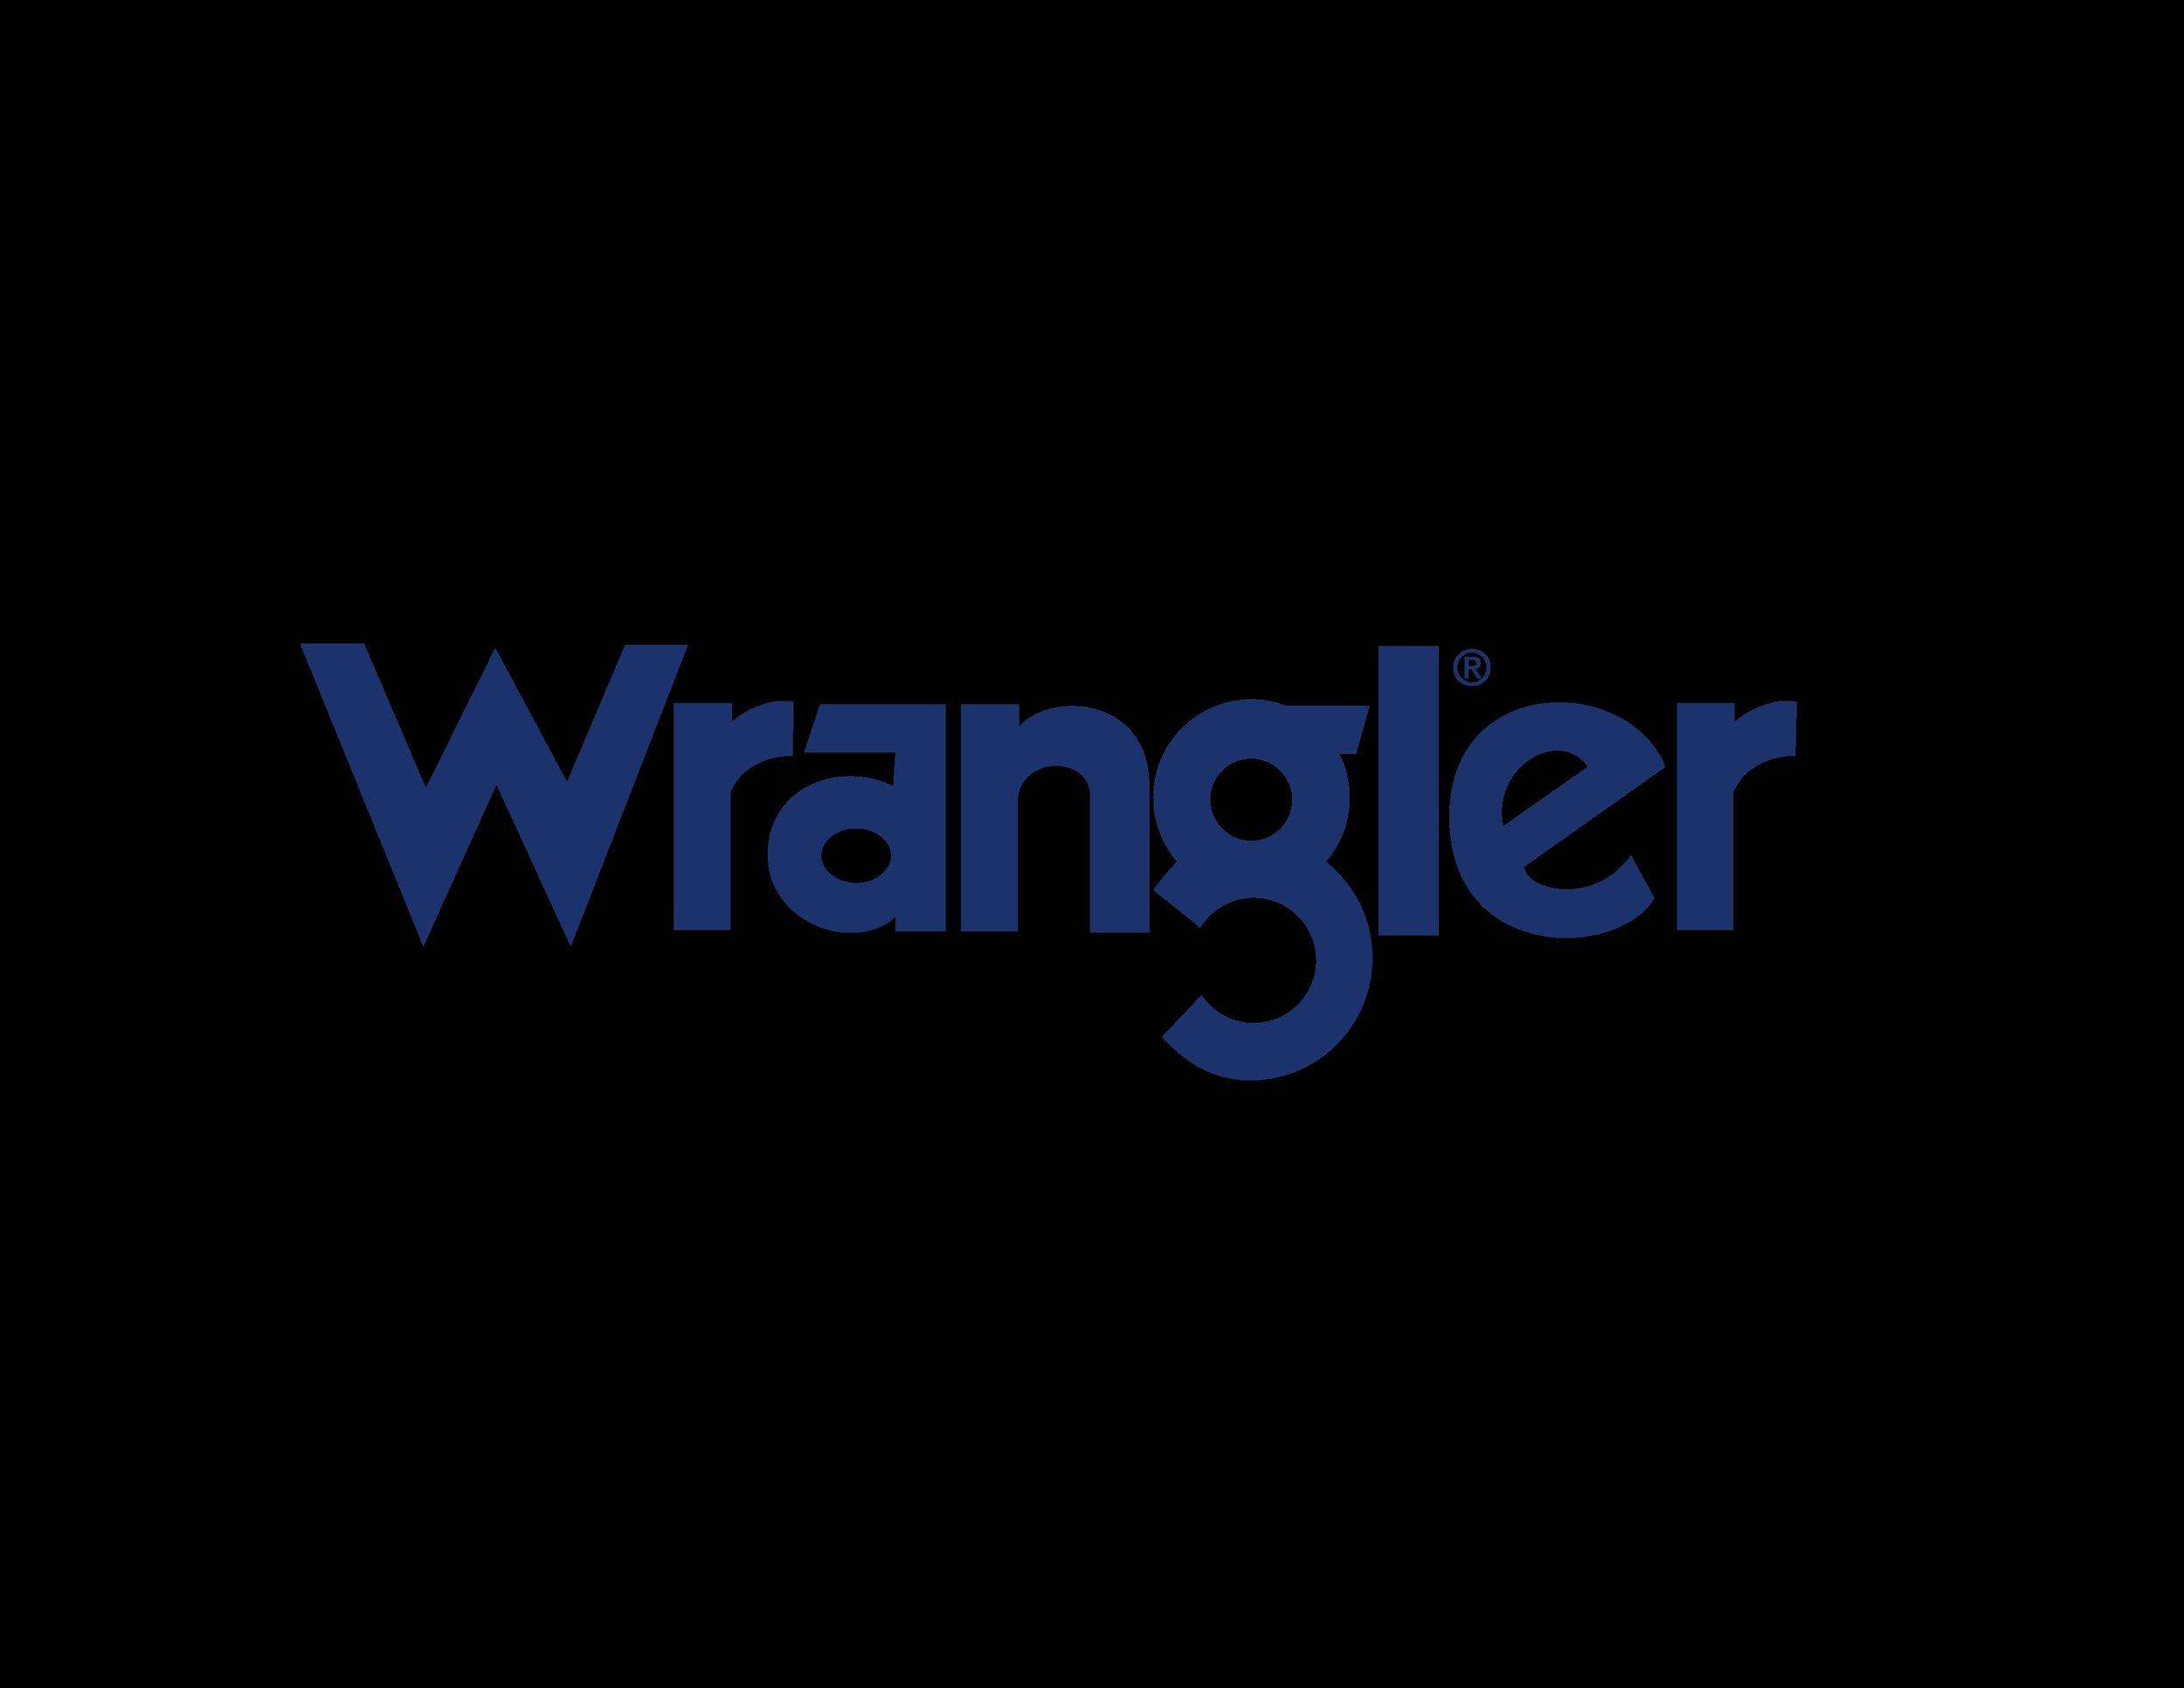 Wrangler_Kabel_pms3597_blue.jpg